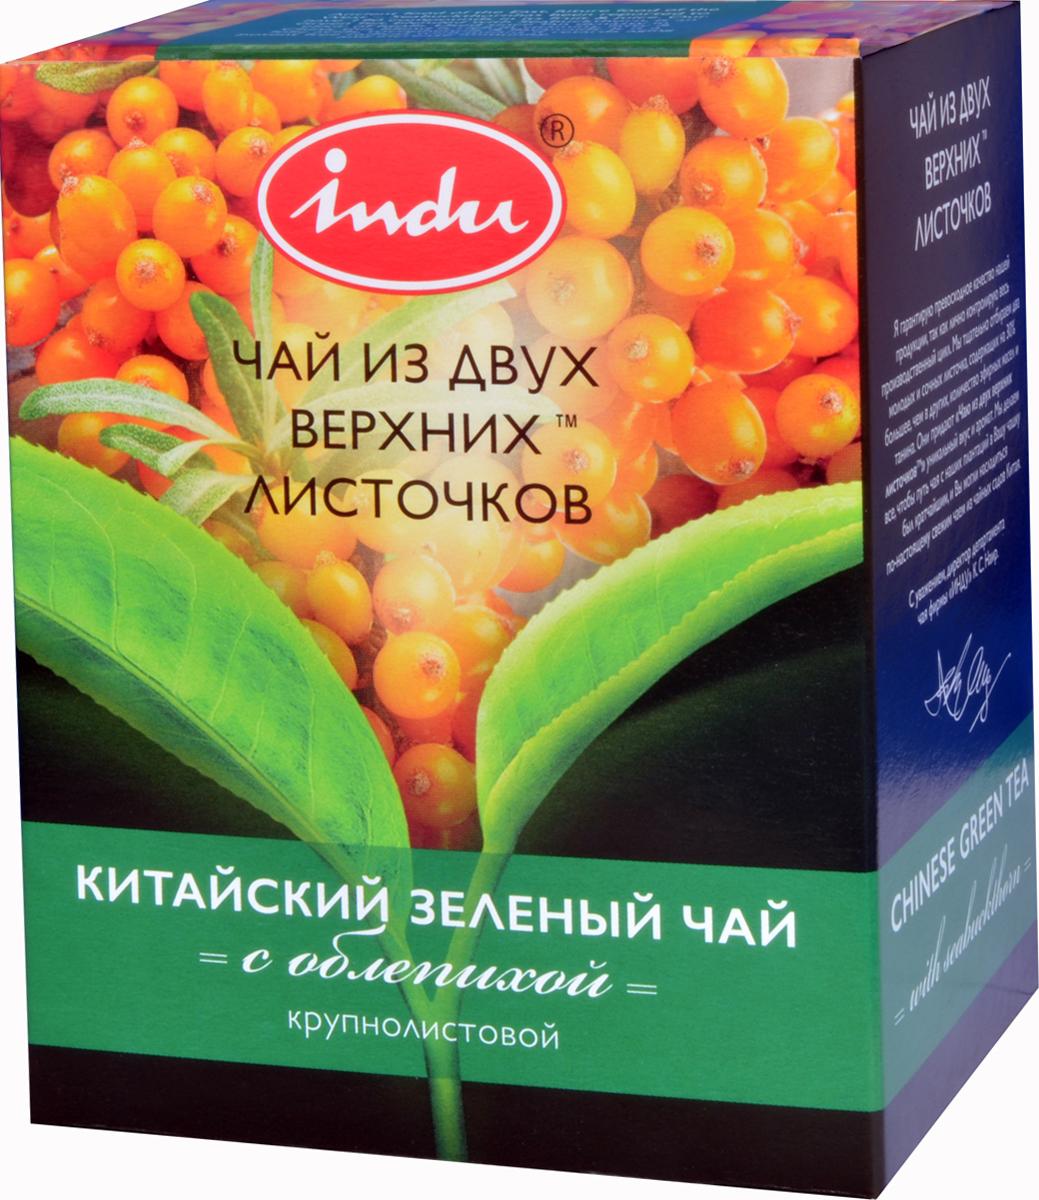 Indu Китайский зеленый листовой чай с облепихой, 90 г101246Чудодейственная смесь китайского зеленого чая и облепихи - эликсир здоровья, который издревле известен на Востоке. Целебные свойства облепихи впервые описаны в Китае во времена династии Тан. Эта ягода изобилует витаминами, полезными минеральными и органическими соединениями способными предупредить сердечно-сосудистые и онкологические заболевания, замедлить старение.